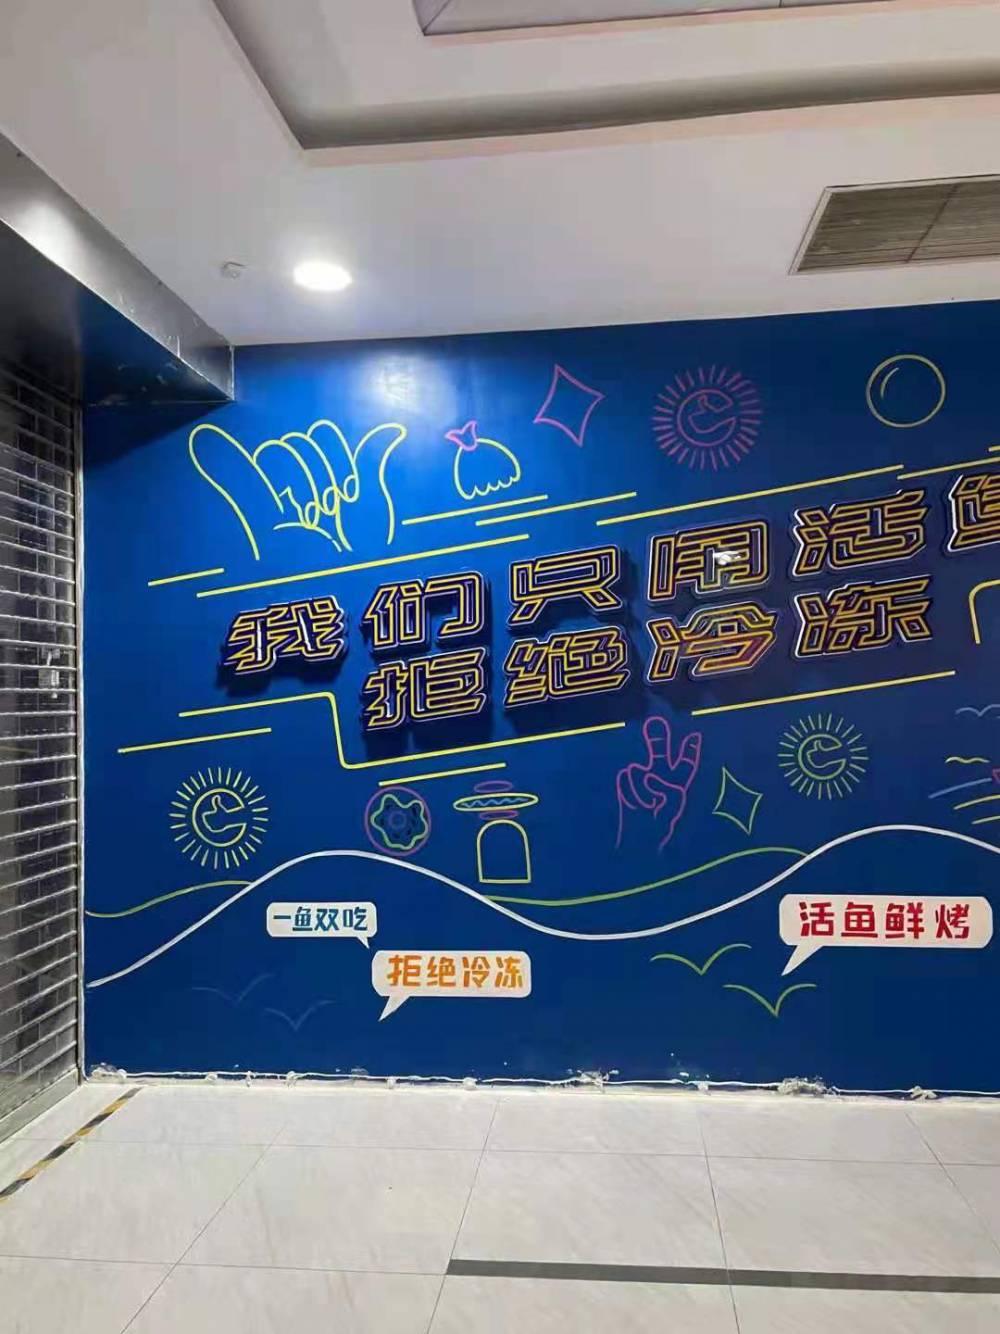 手绘彩绘墙面绘画艺术 尺寸定制图案定制 装饰空间